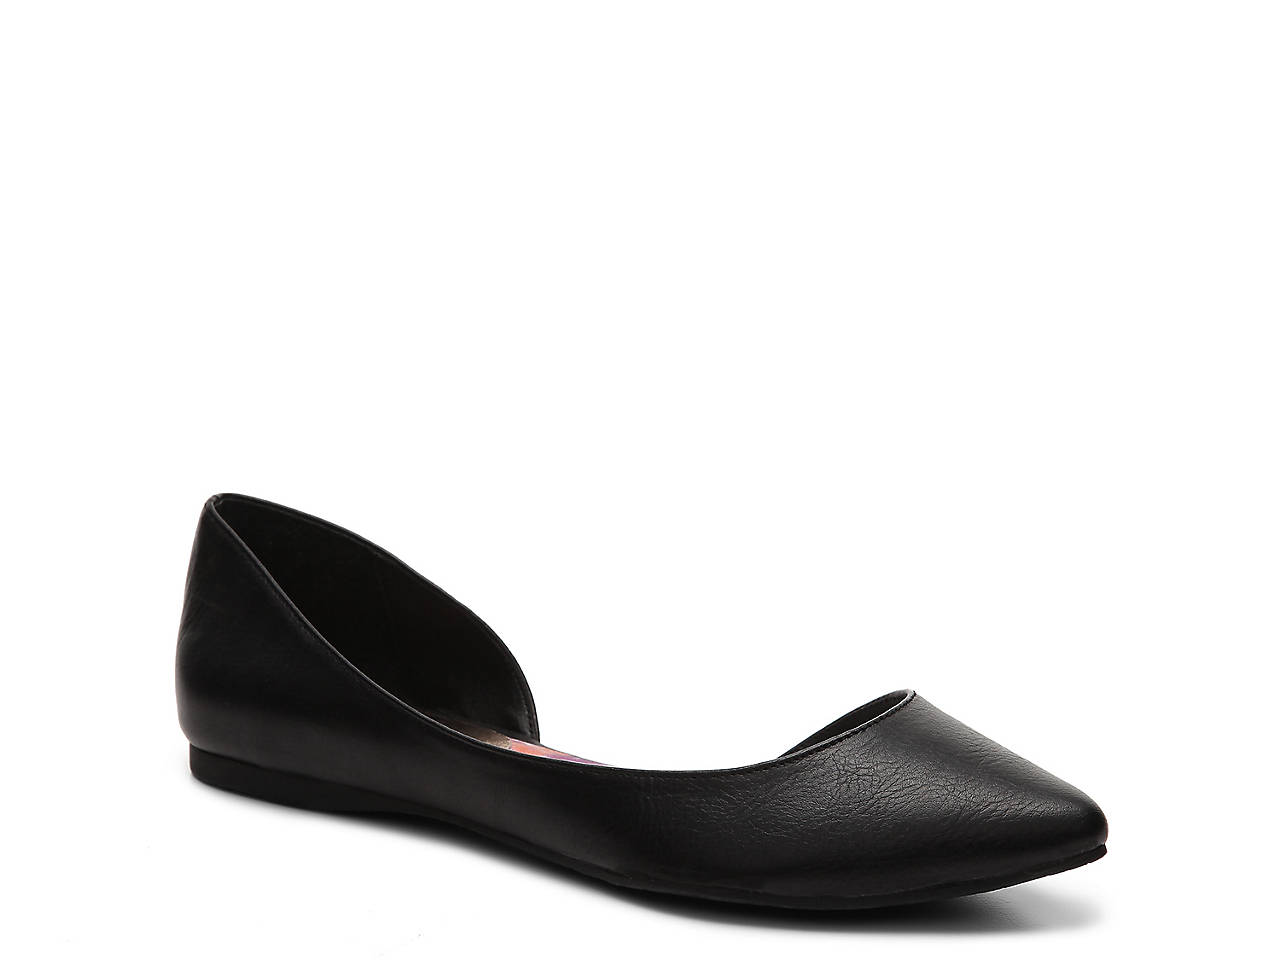 96da5f6d4f22 Madden Girl Eezy Flat Women s Shoes